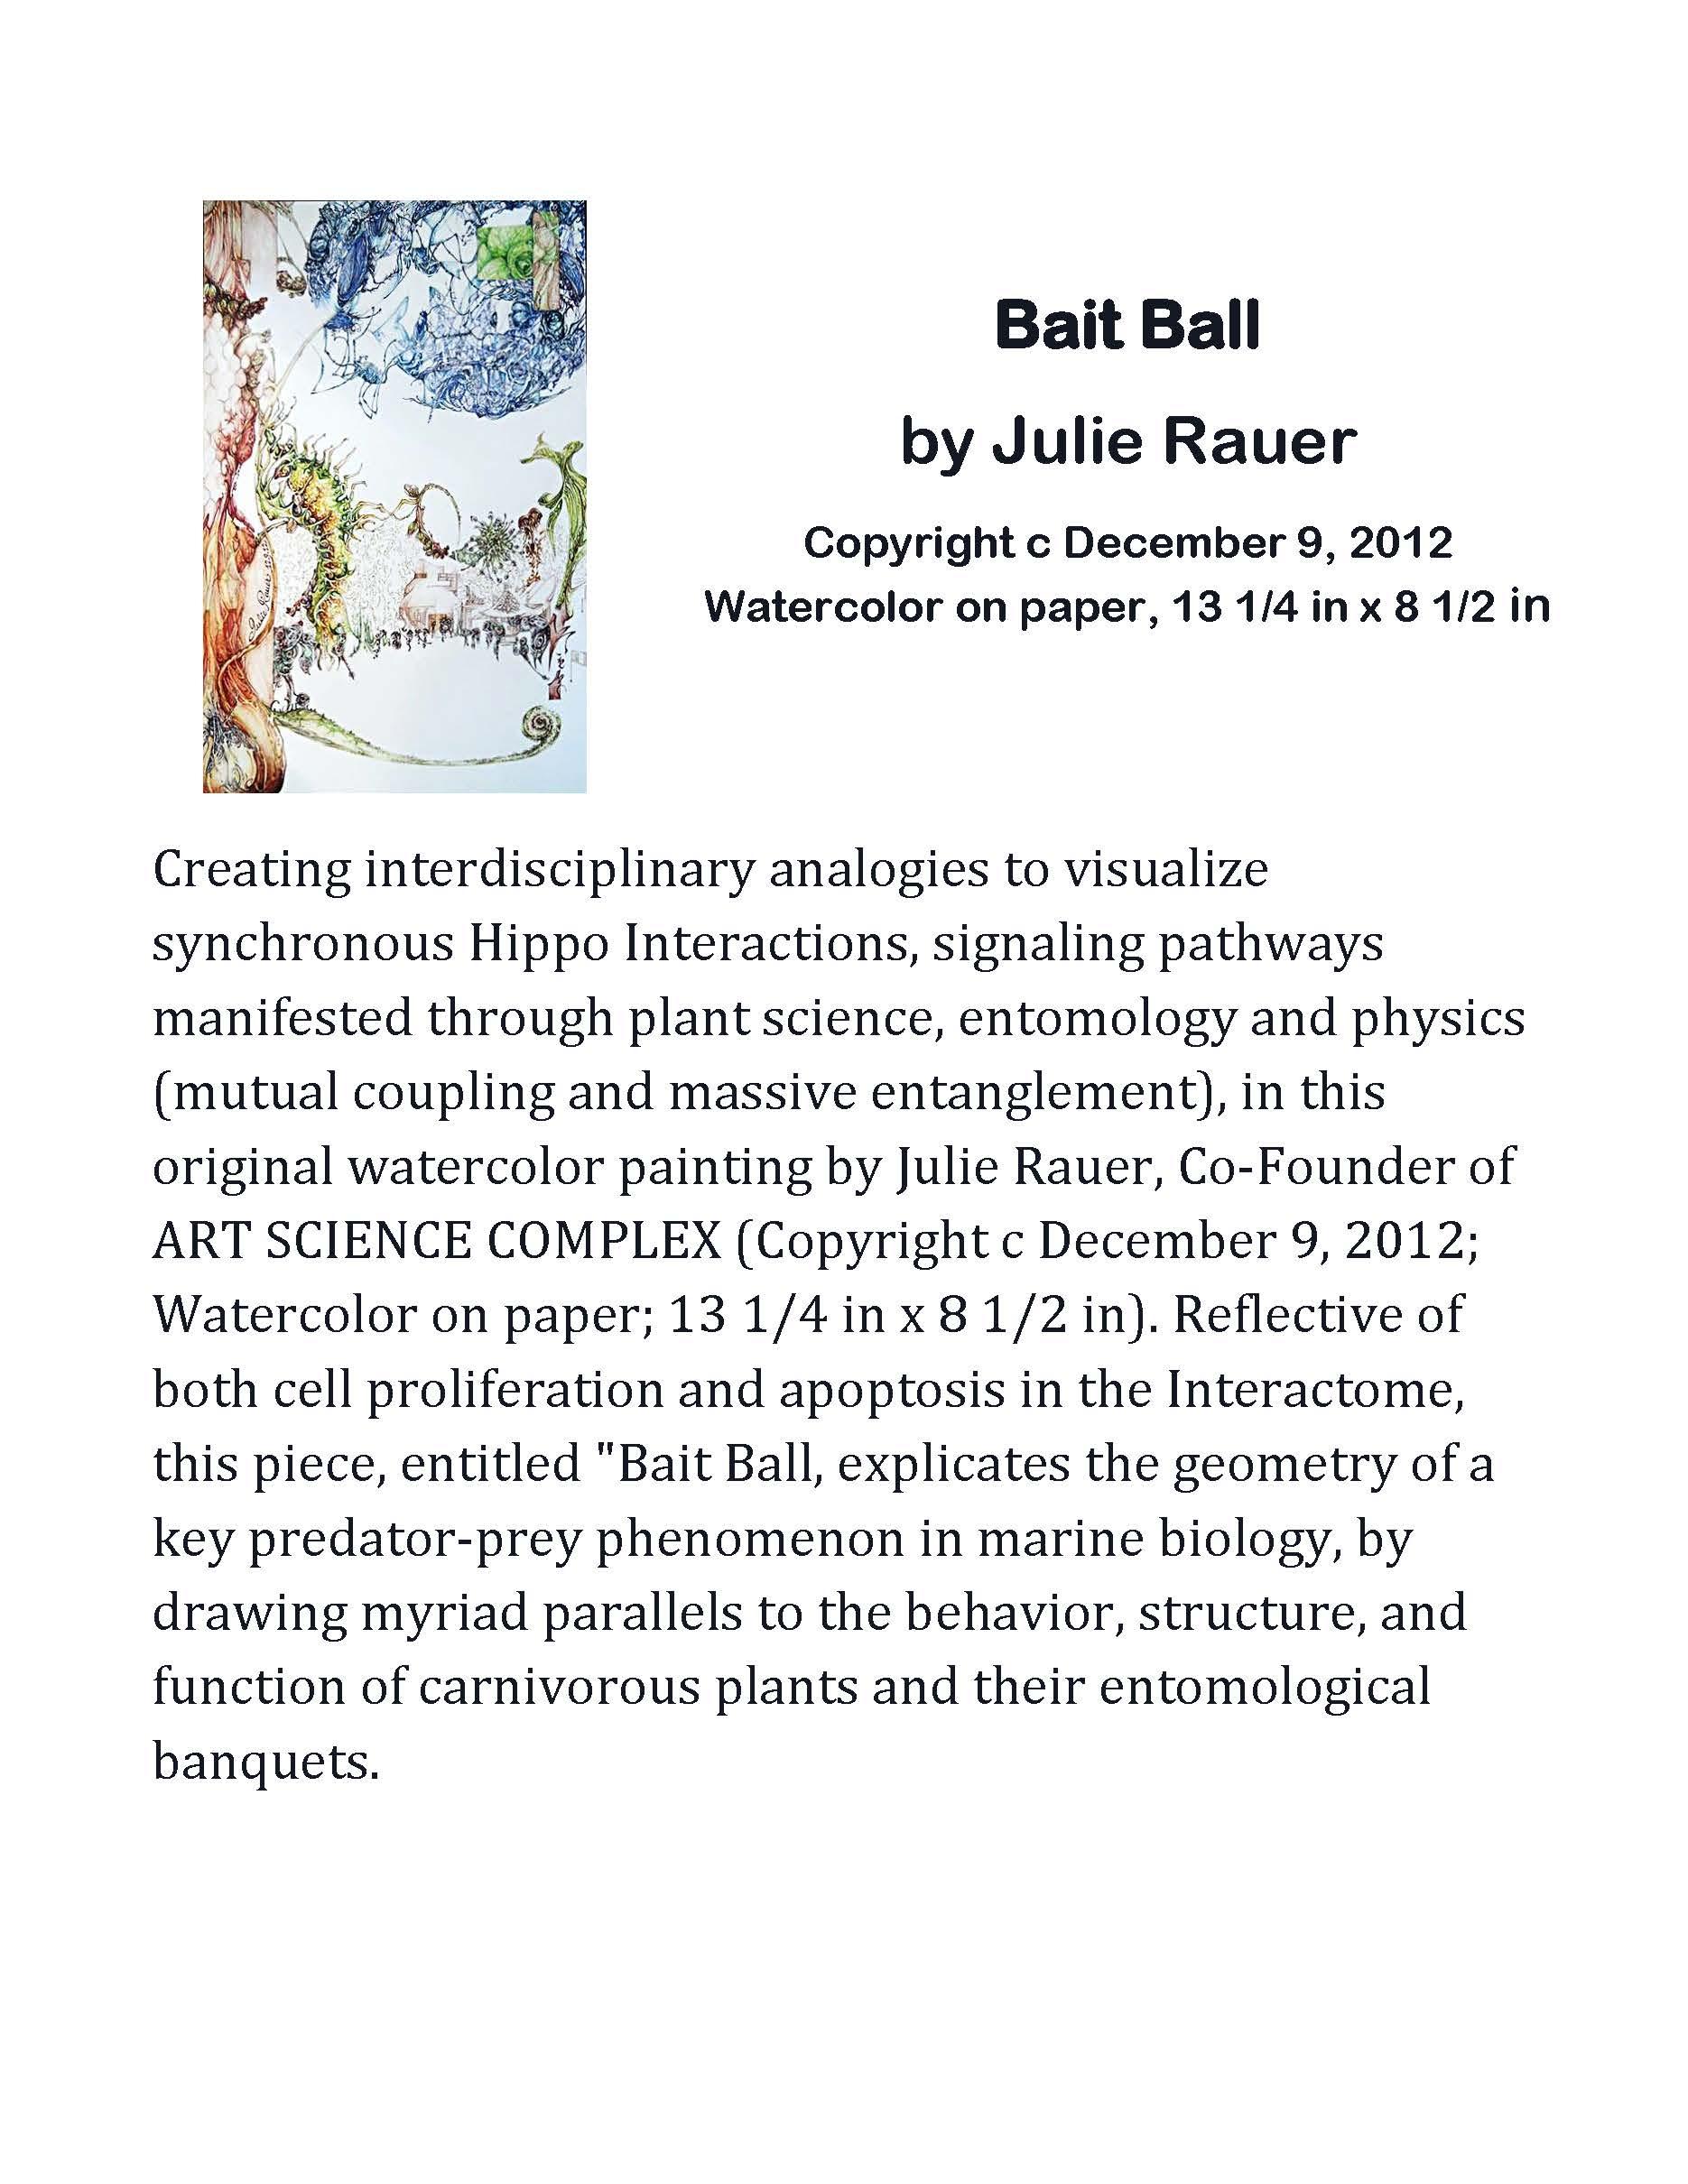 Bait Ball Description